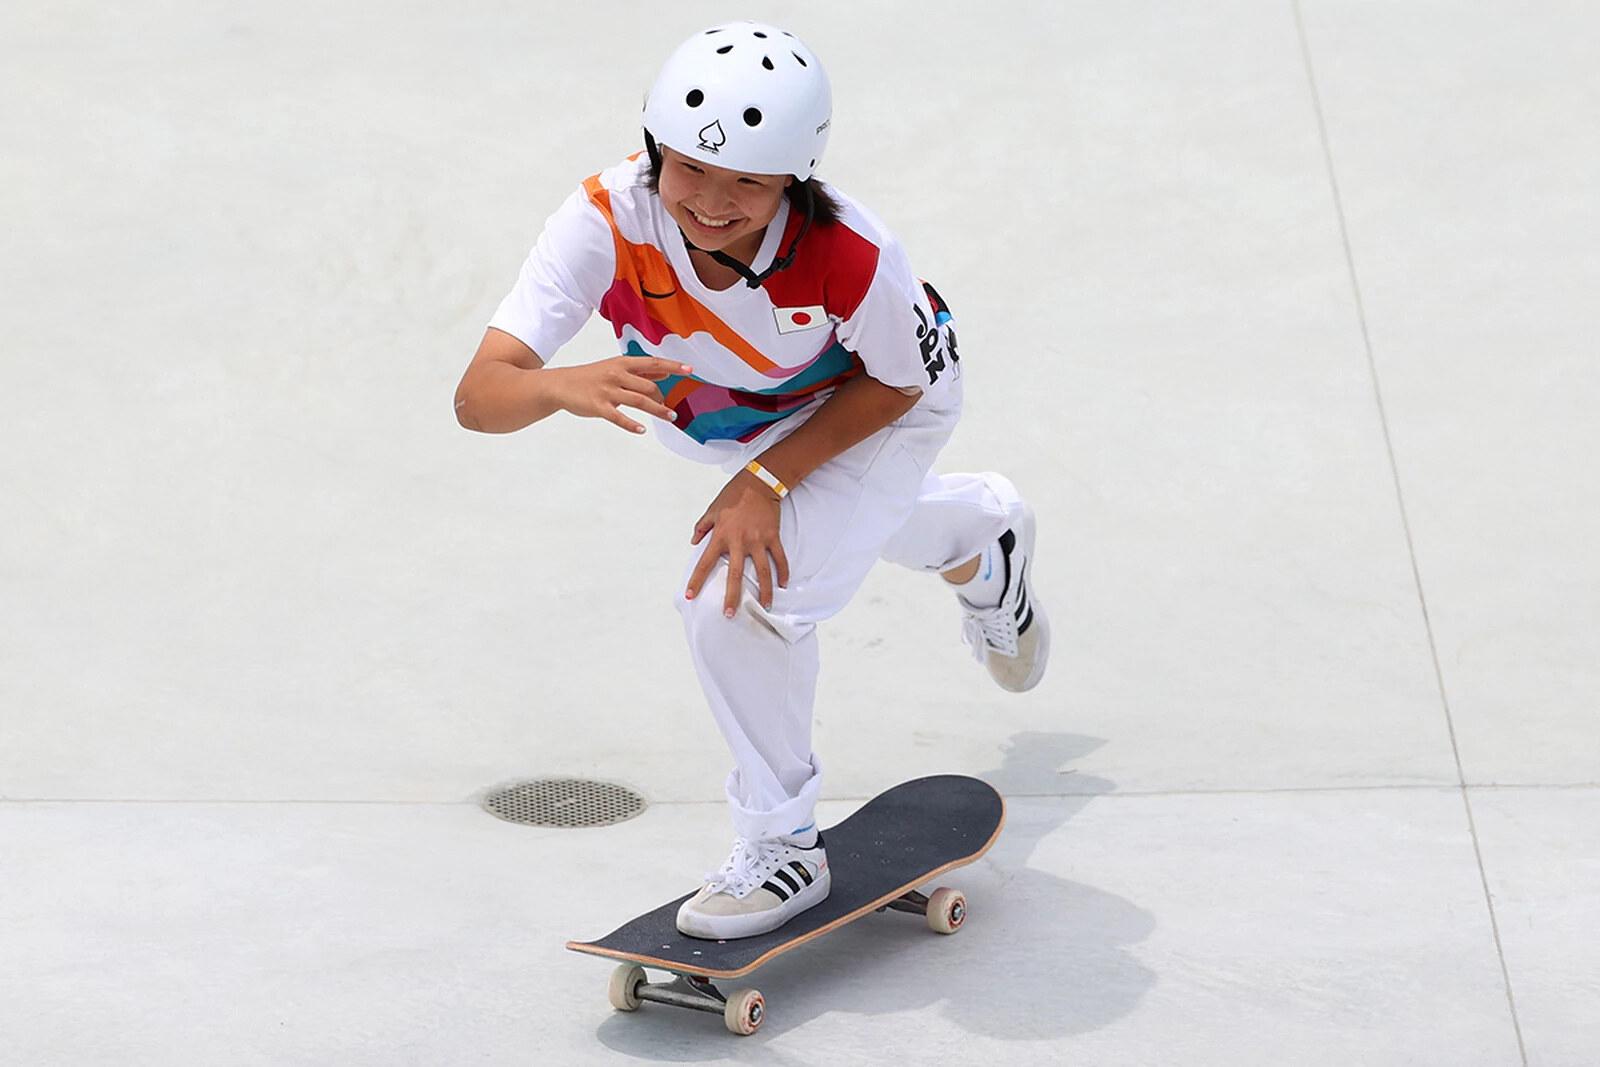 Momiji Nishiya Street Skateboarding Tokyo 2020